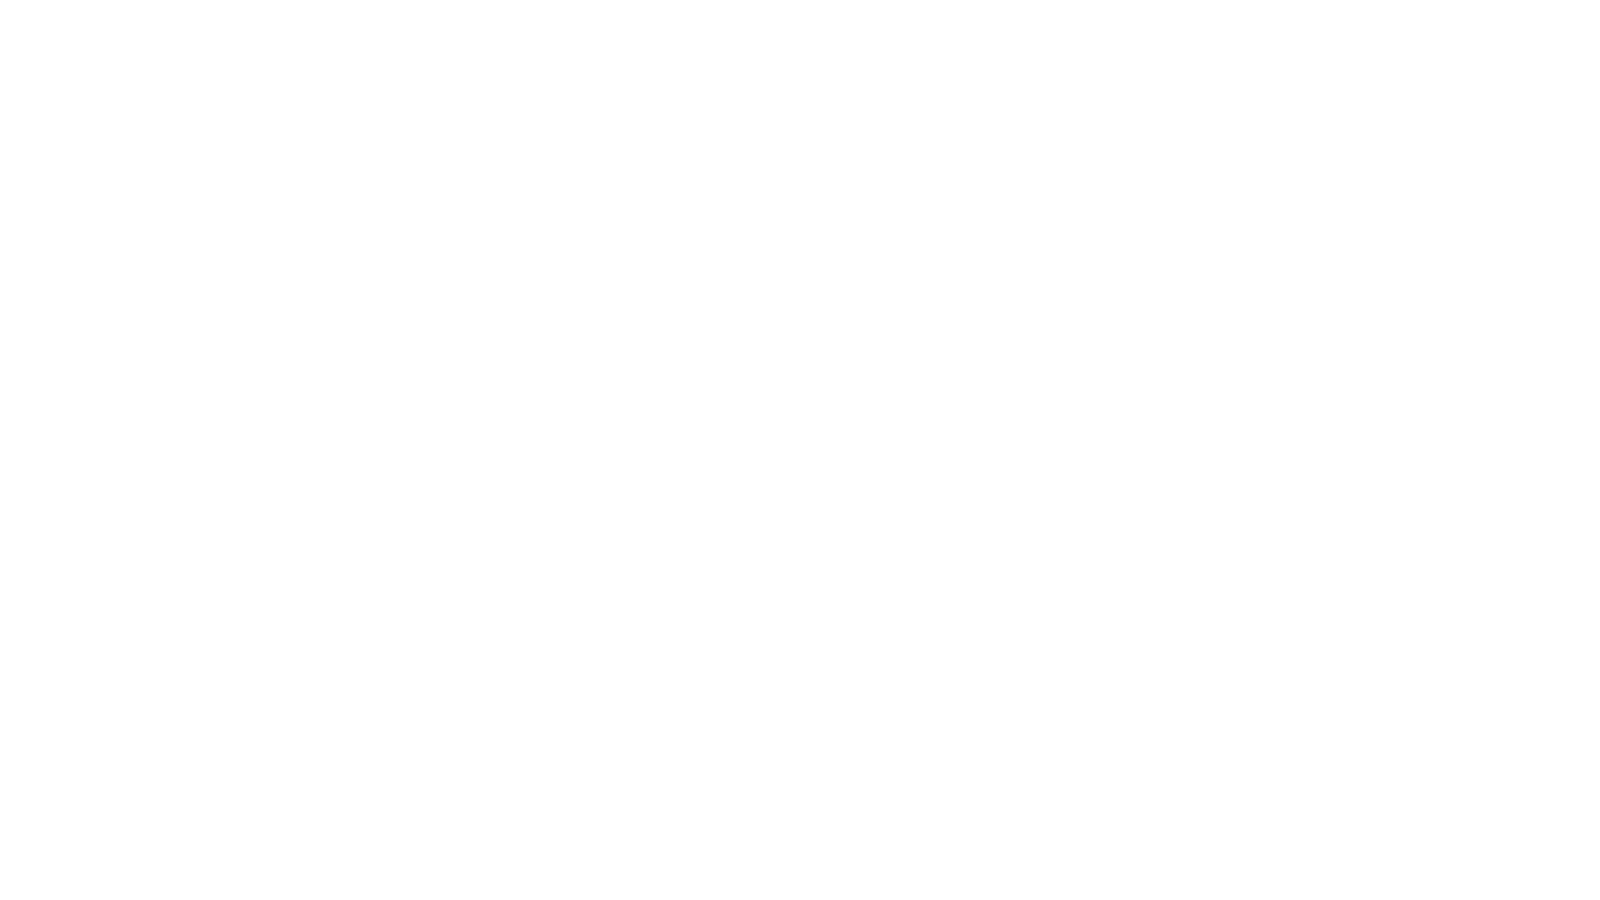 Whatsapp para saber dos cursos 43 99977-7355  Conheça todos meus cursos no site https://fabycardoso.com.br/ Não esqueça de estar olhando meu curso online onde ensino sobre esmaltação, cutículas perfeitas, dicas para divulgar seu trabalho como manicure, entre outros. Tem certificado de participação e minhas alunas se estão tornando manicures top.  Whatsapp para saber dos cursos 43 99977-7355  Conheça todos meus cursos no site https://fabycardoso.com.br/ Minha fanpage oficial: https://www.facebook.com/fabycardosocursounhas/  Meu instagram https://www.instagram.com/fabycardosoferreira/ Beijo,  Faby Cardoso Aulas de Manicure